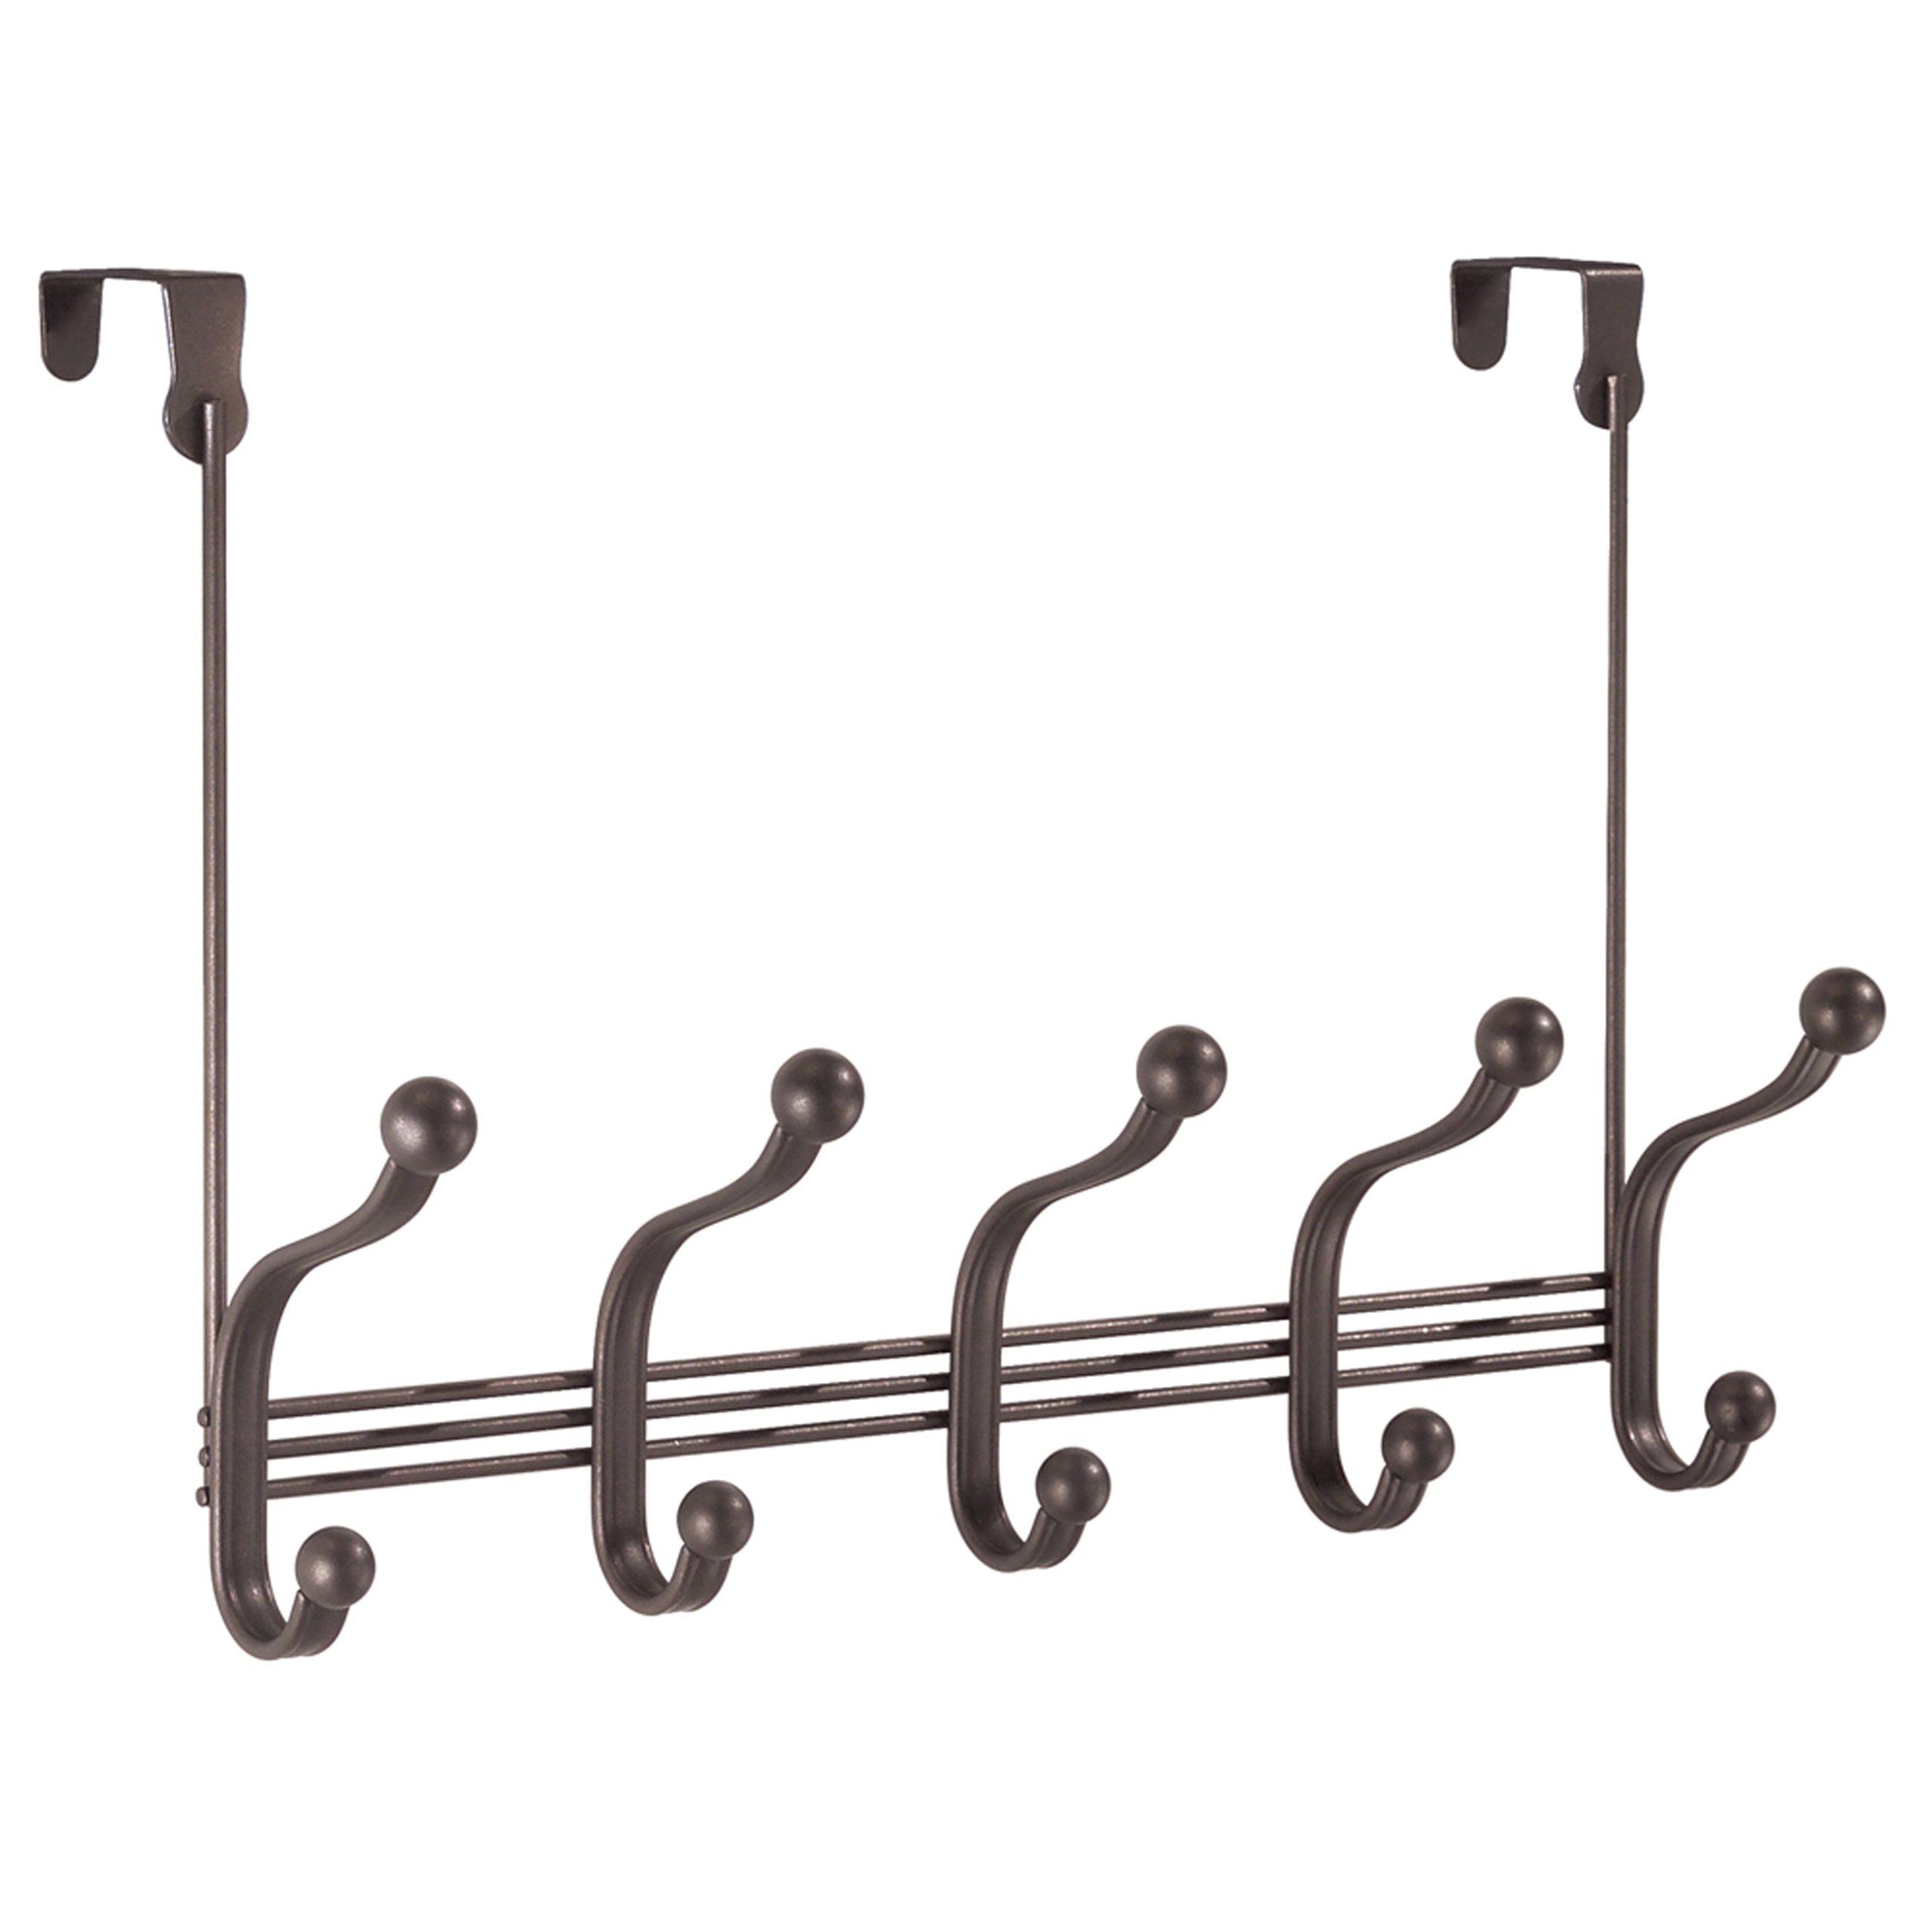 InterDesign York Lyra Over Door Storage Rack – Organizer Hooks Coats, Hats, Robes, Clothes Towels – 5 Dual Hooks, Bronze